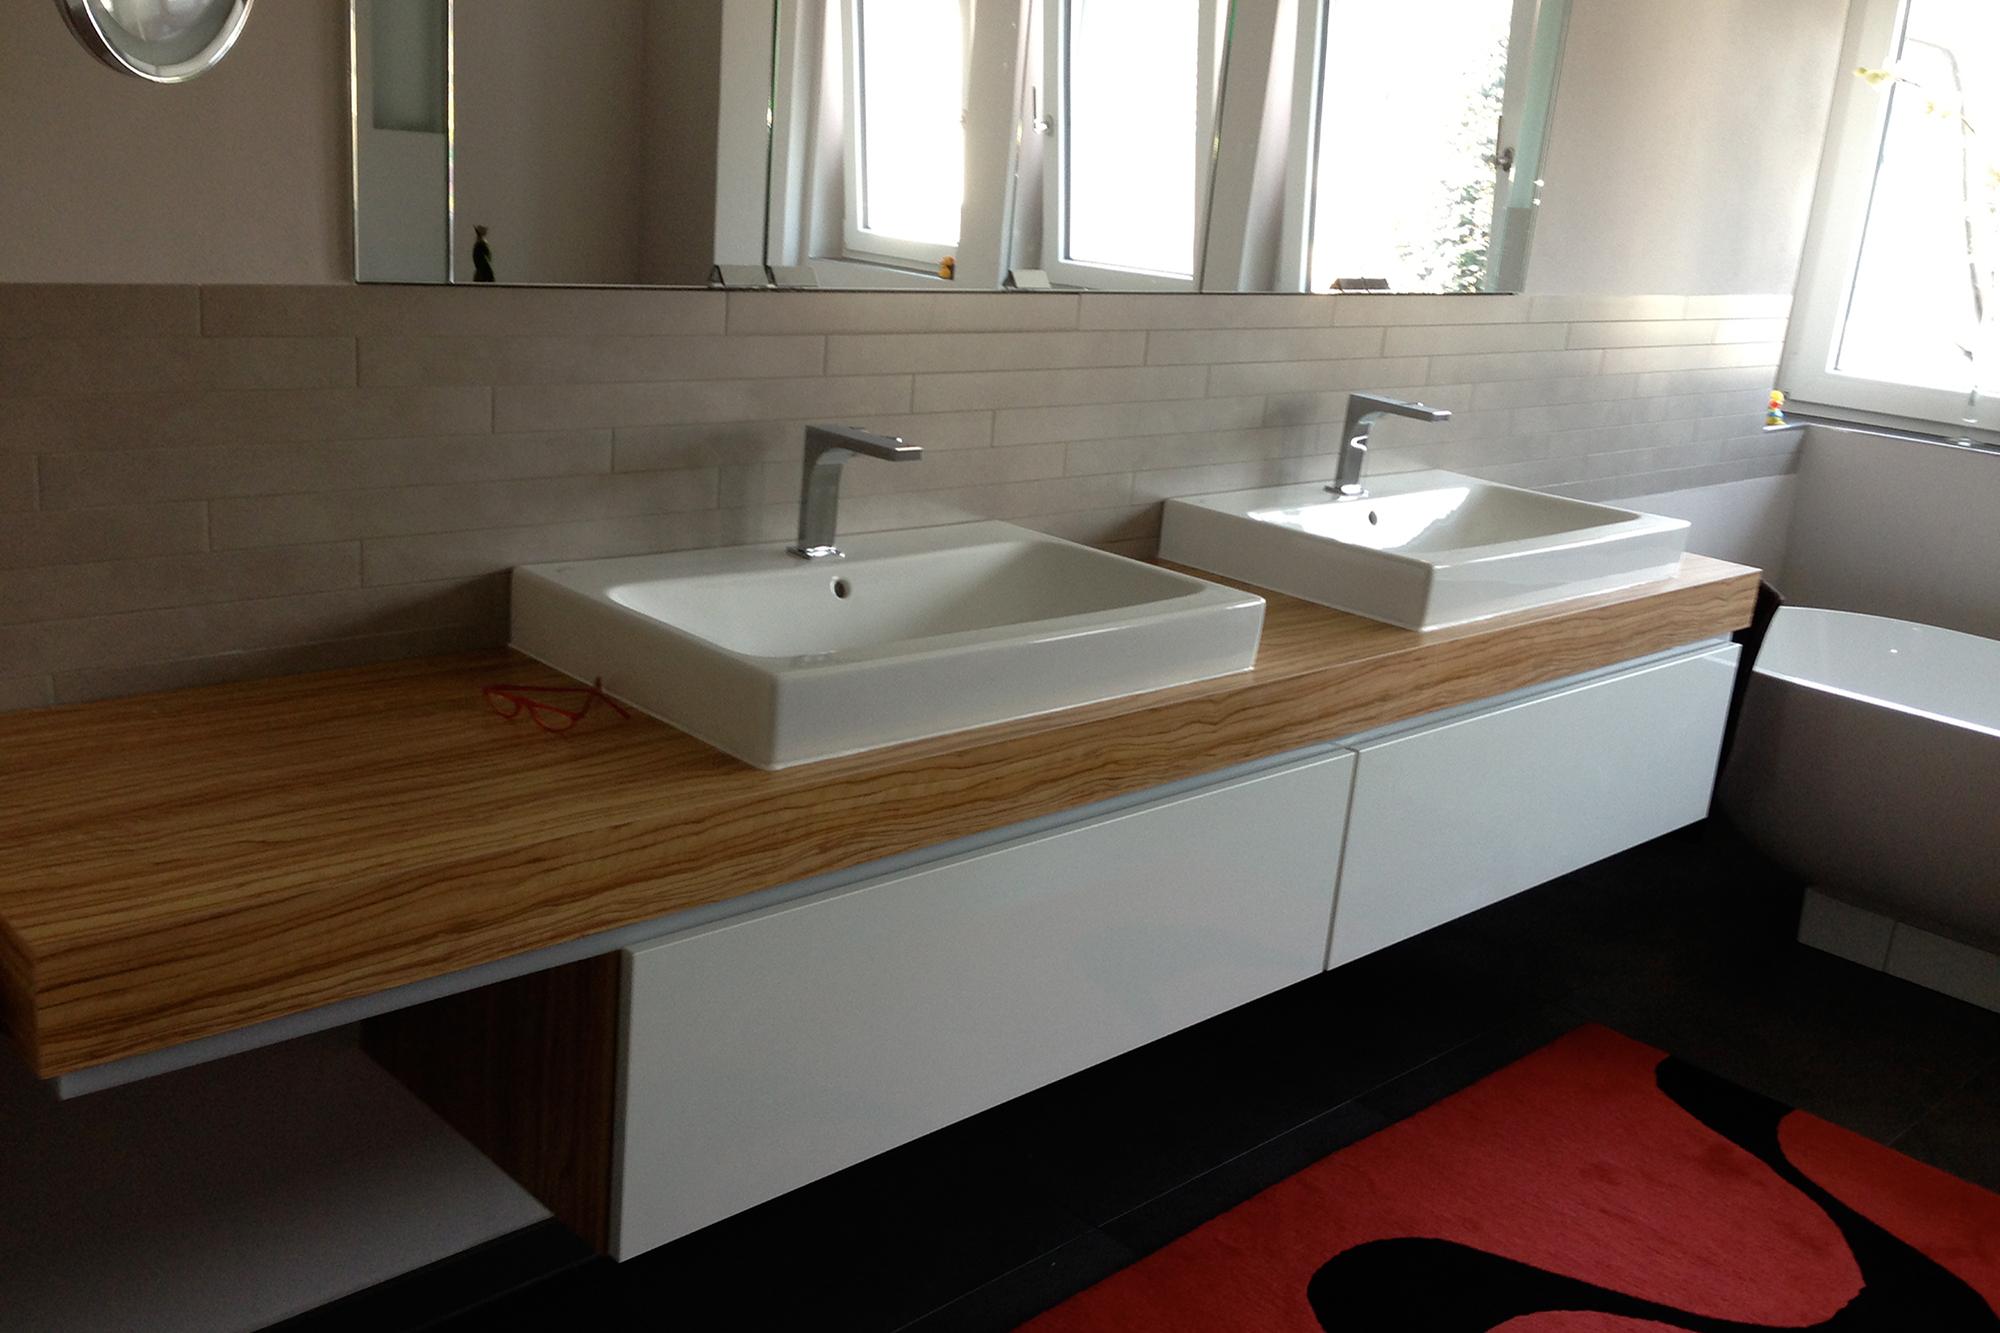 Modernes Bad gefliest vom Fliesenfachbetrieb Paulo Casaca 4. © fliesencasaca.de